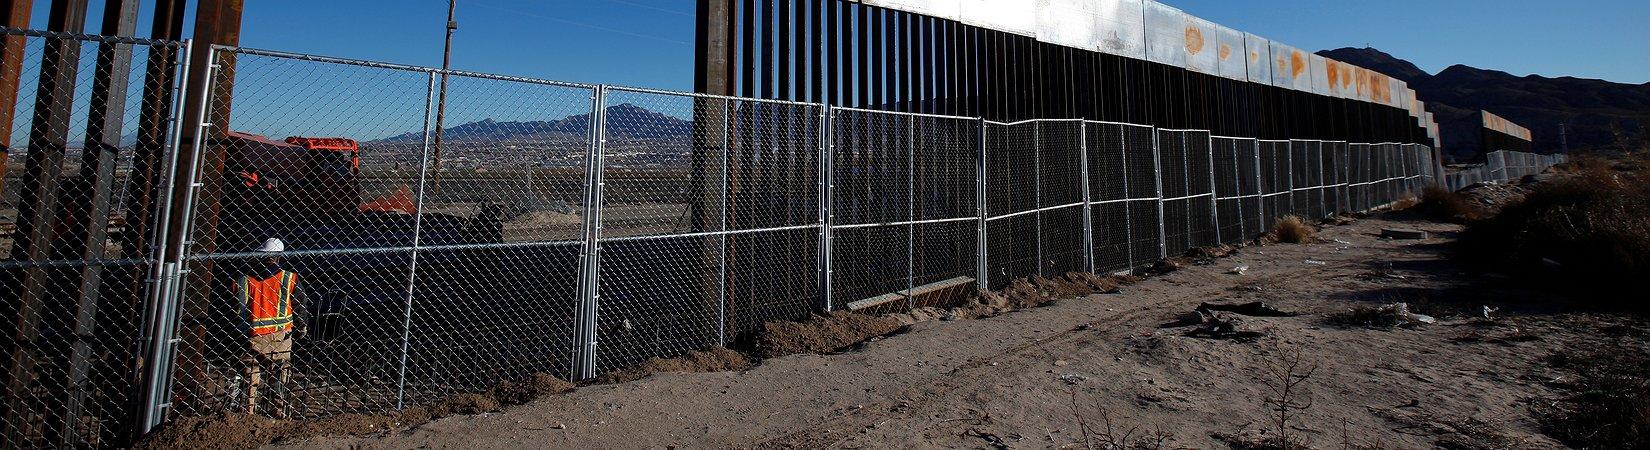 El presidente de México rechaza las medidas antiinmigración de Trump